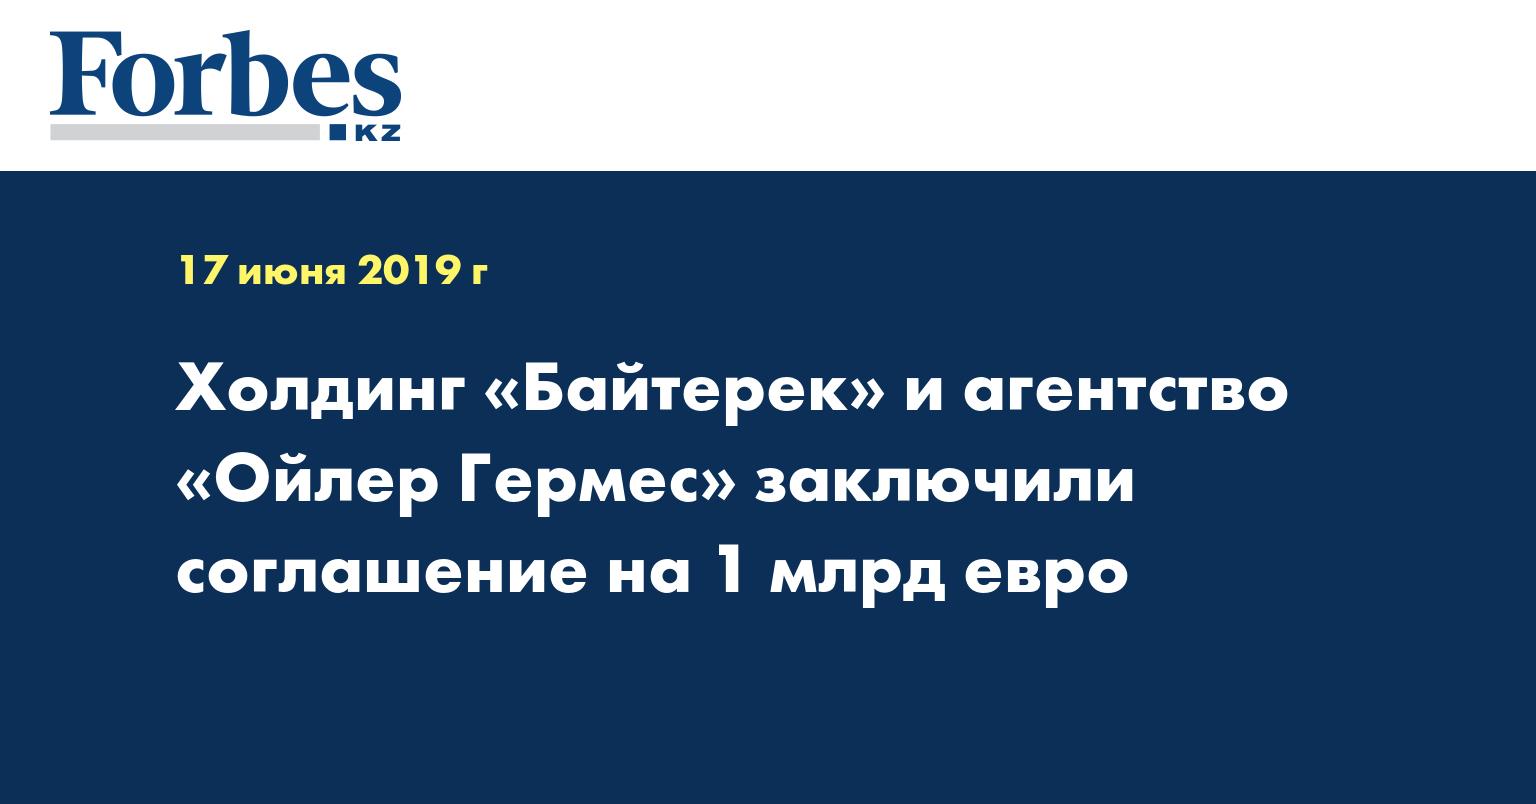 Холдинг «Байтерек» и агентство «Ойлер Гермес» заключили соглашение на 1 млрд евро